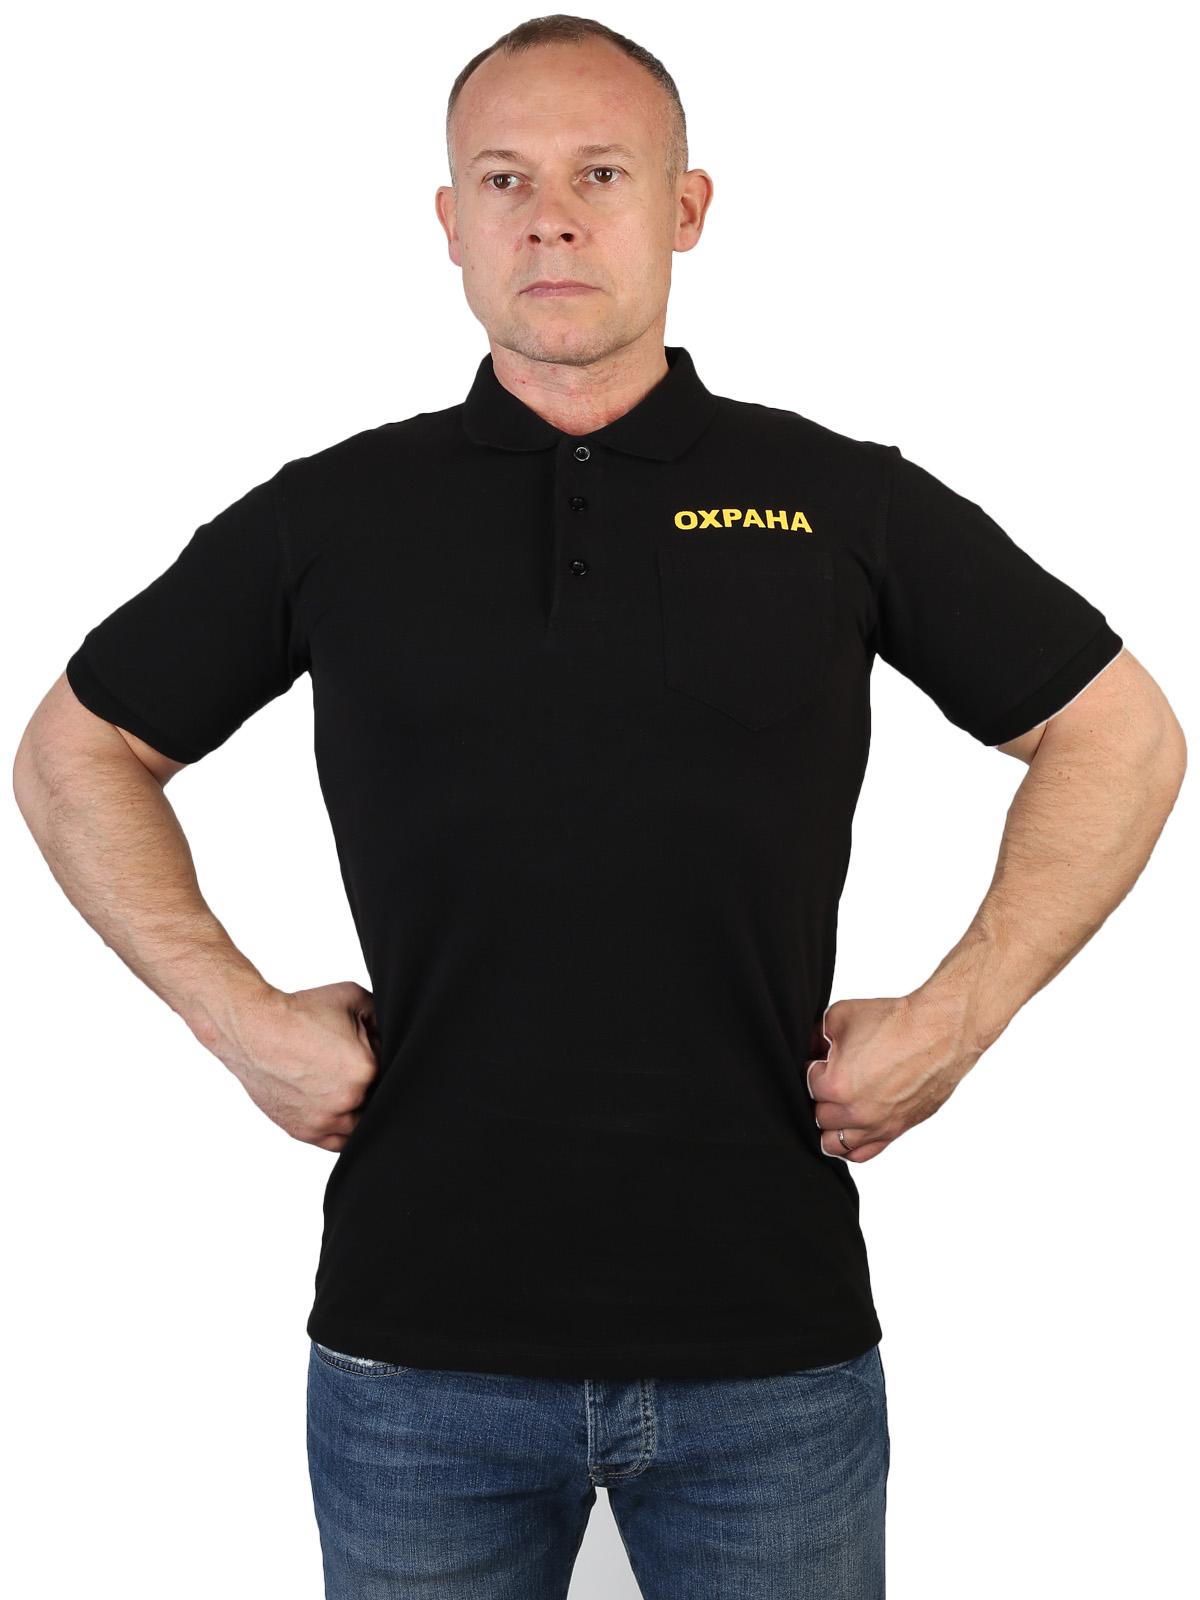 Черная футболка поло с принтом Охрана